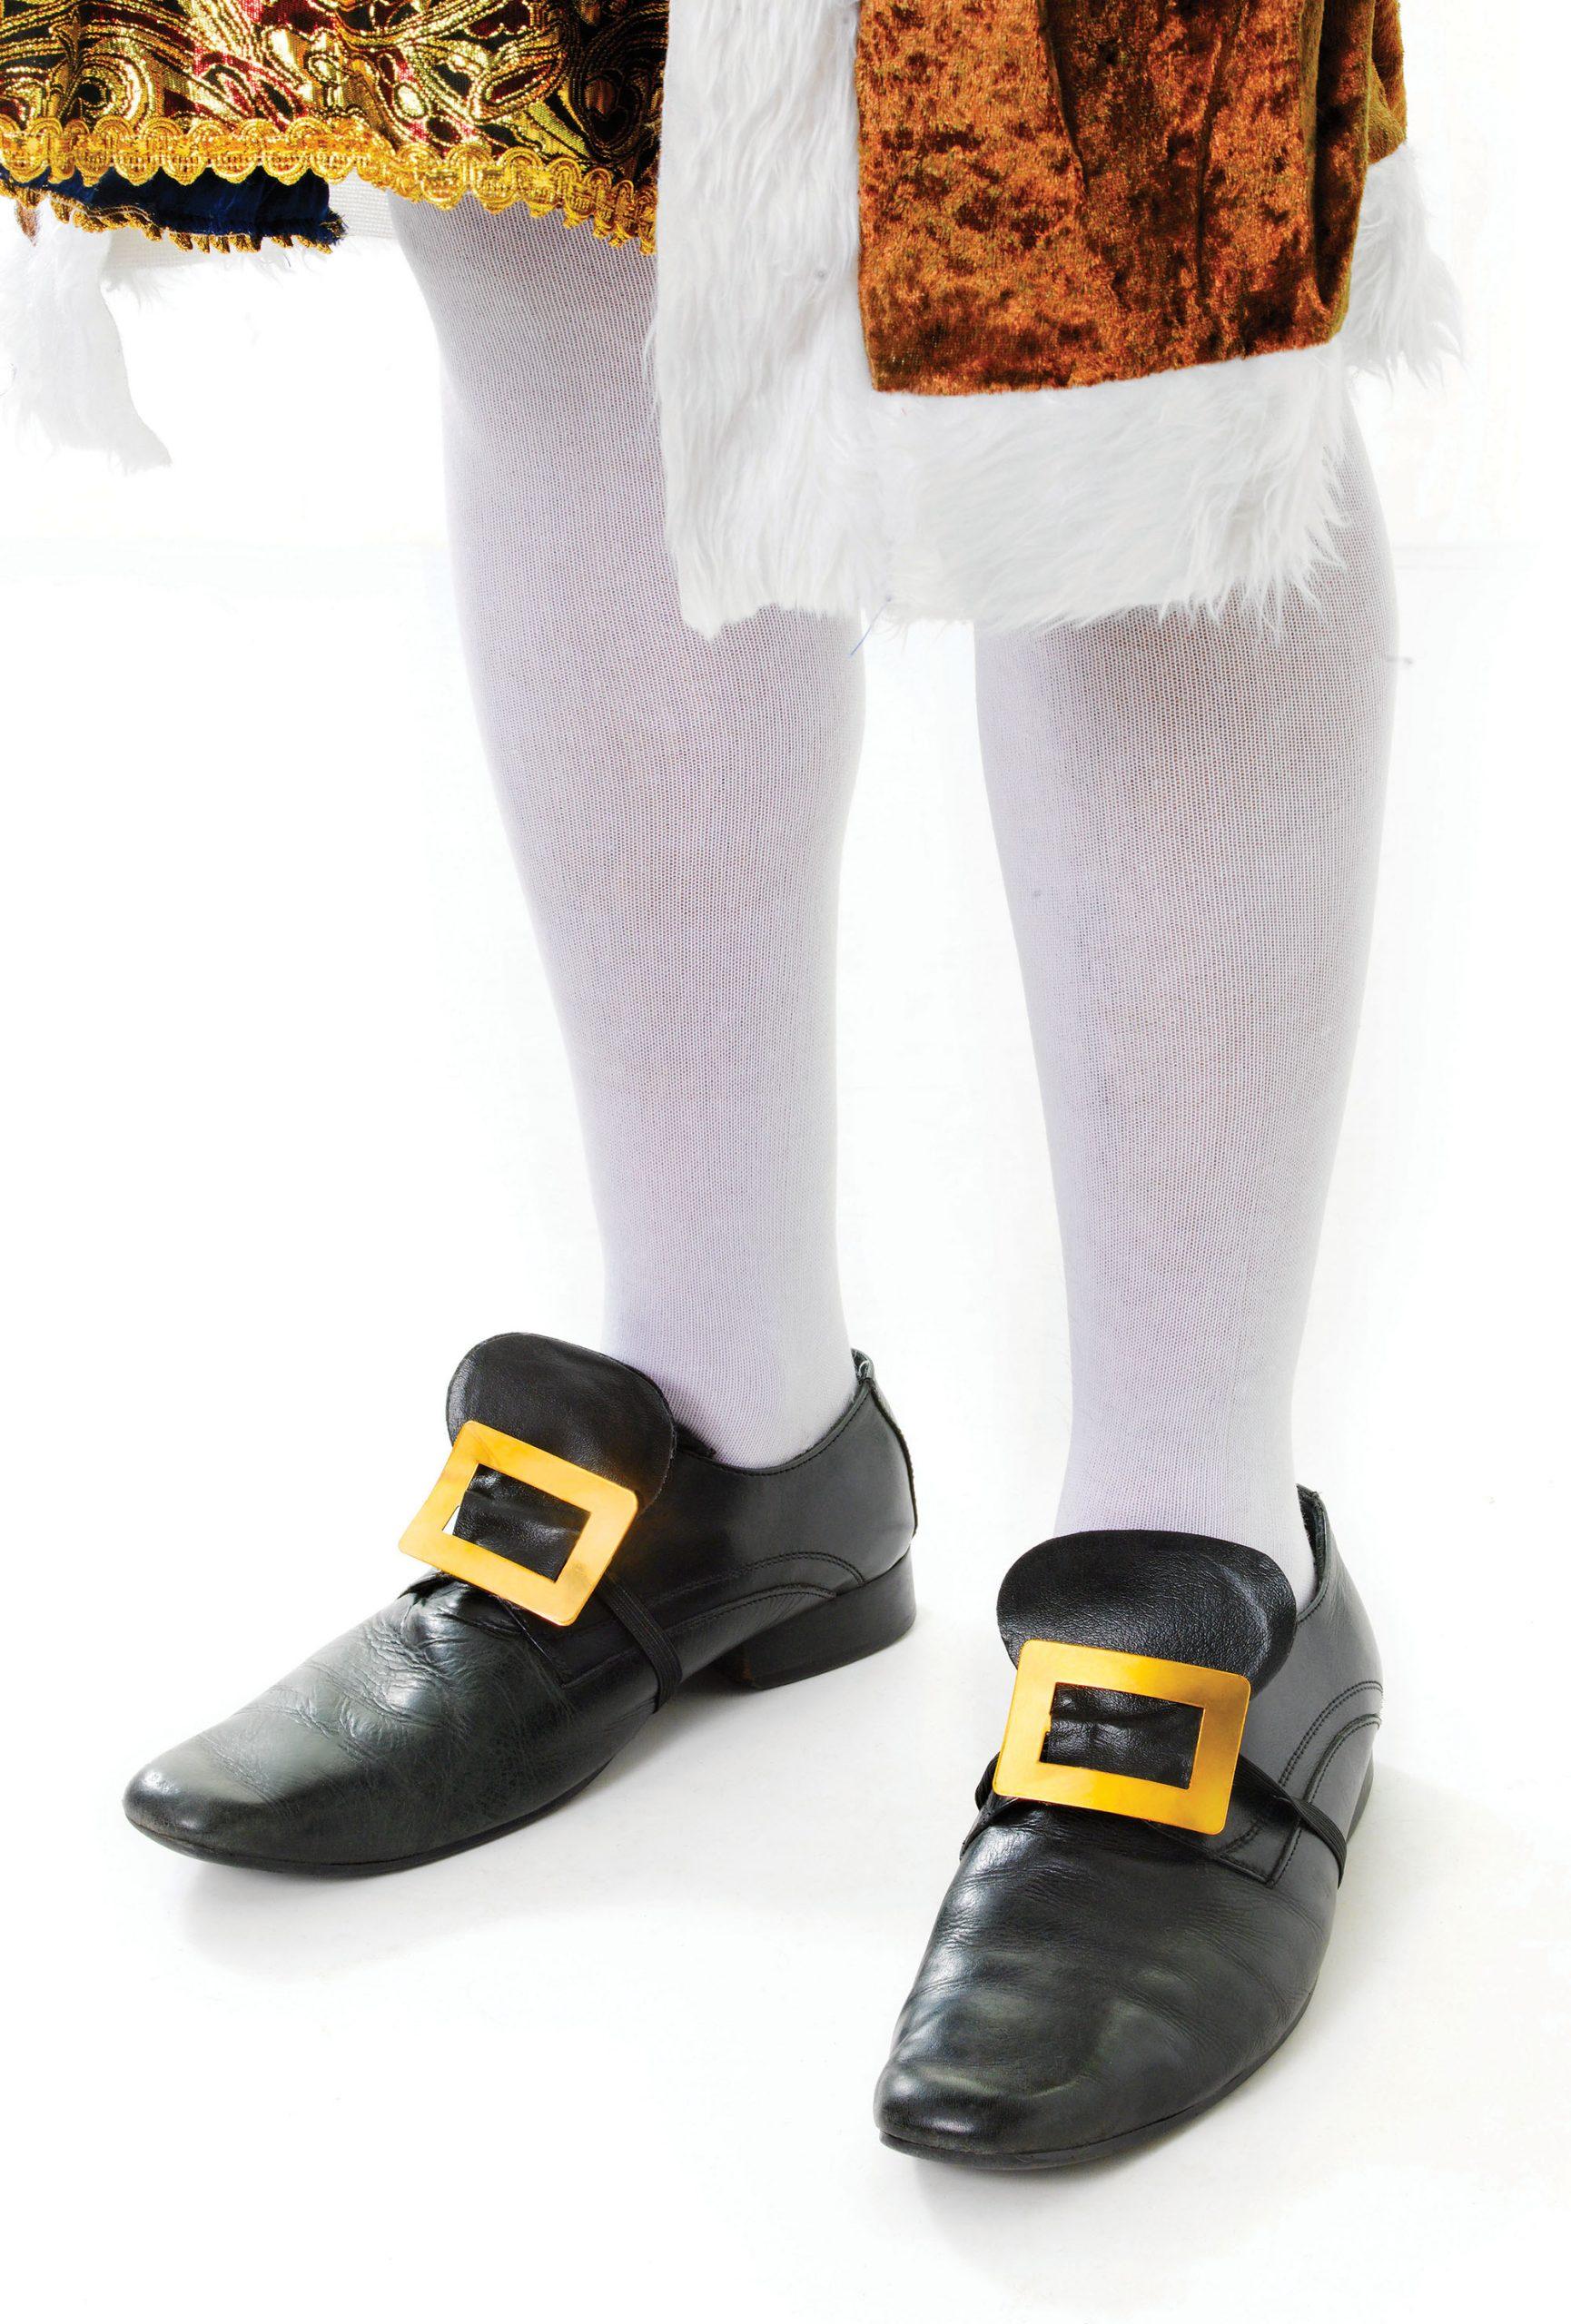 ACCESSORIES/SOCKS/ Knee Socks (Adult) White